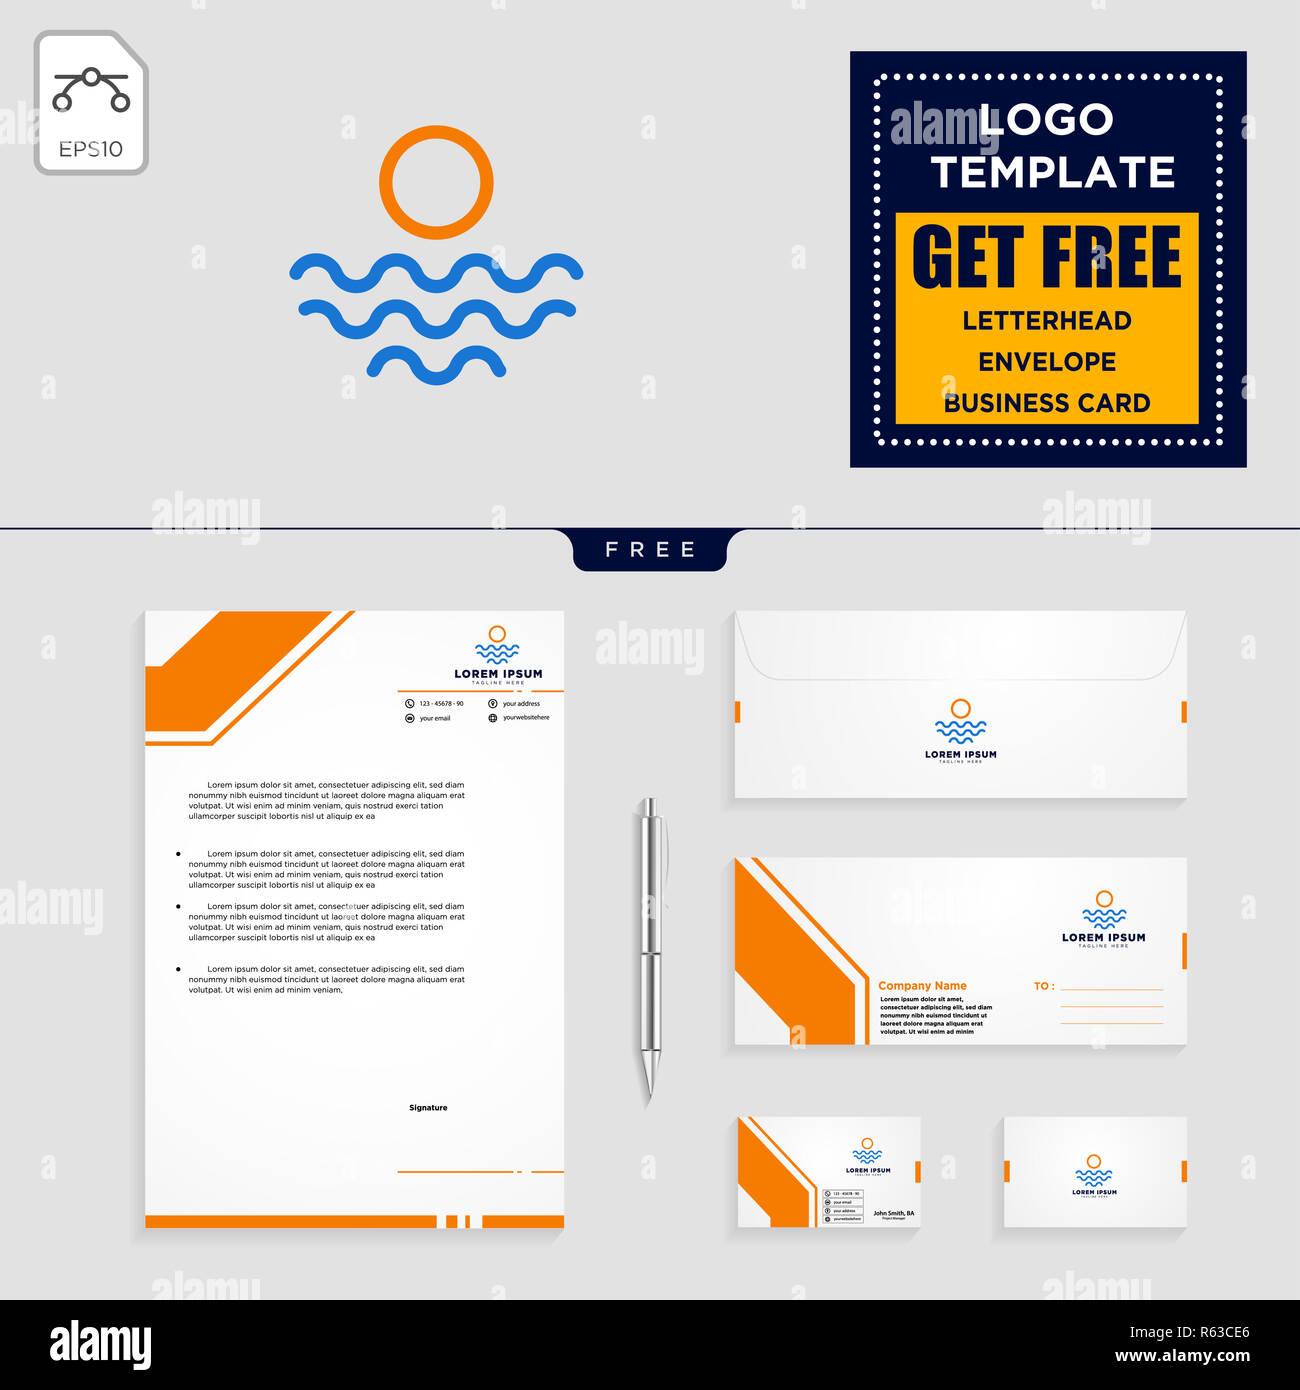 Plage Vacances Paysage Modele Logo Vector Illustration Et Une En Tete Enveloppe Carte De Visite Design